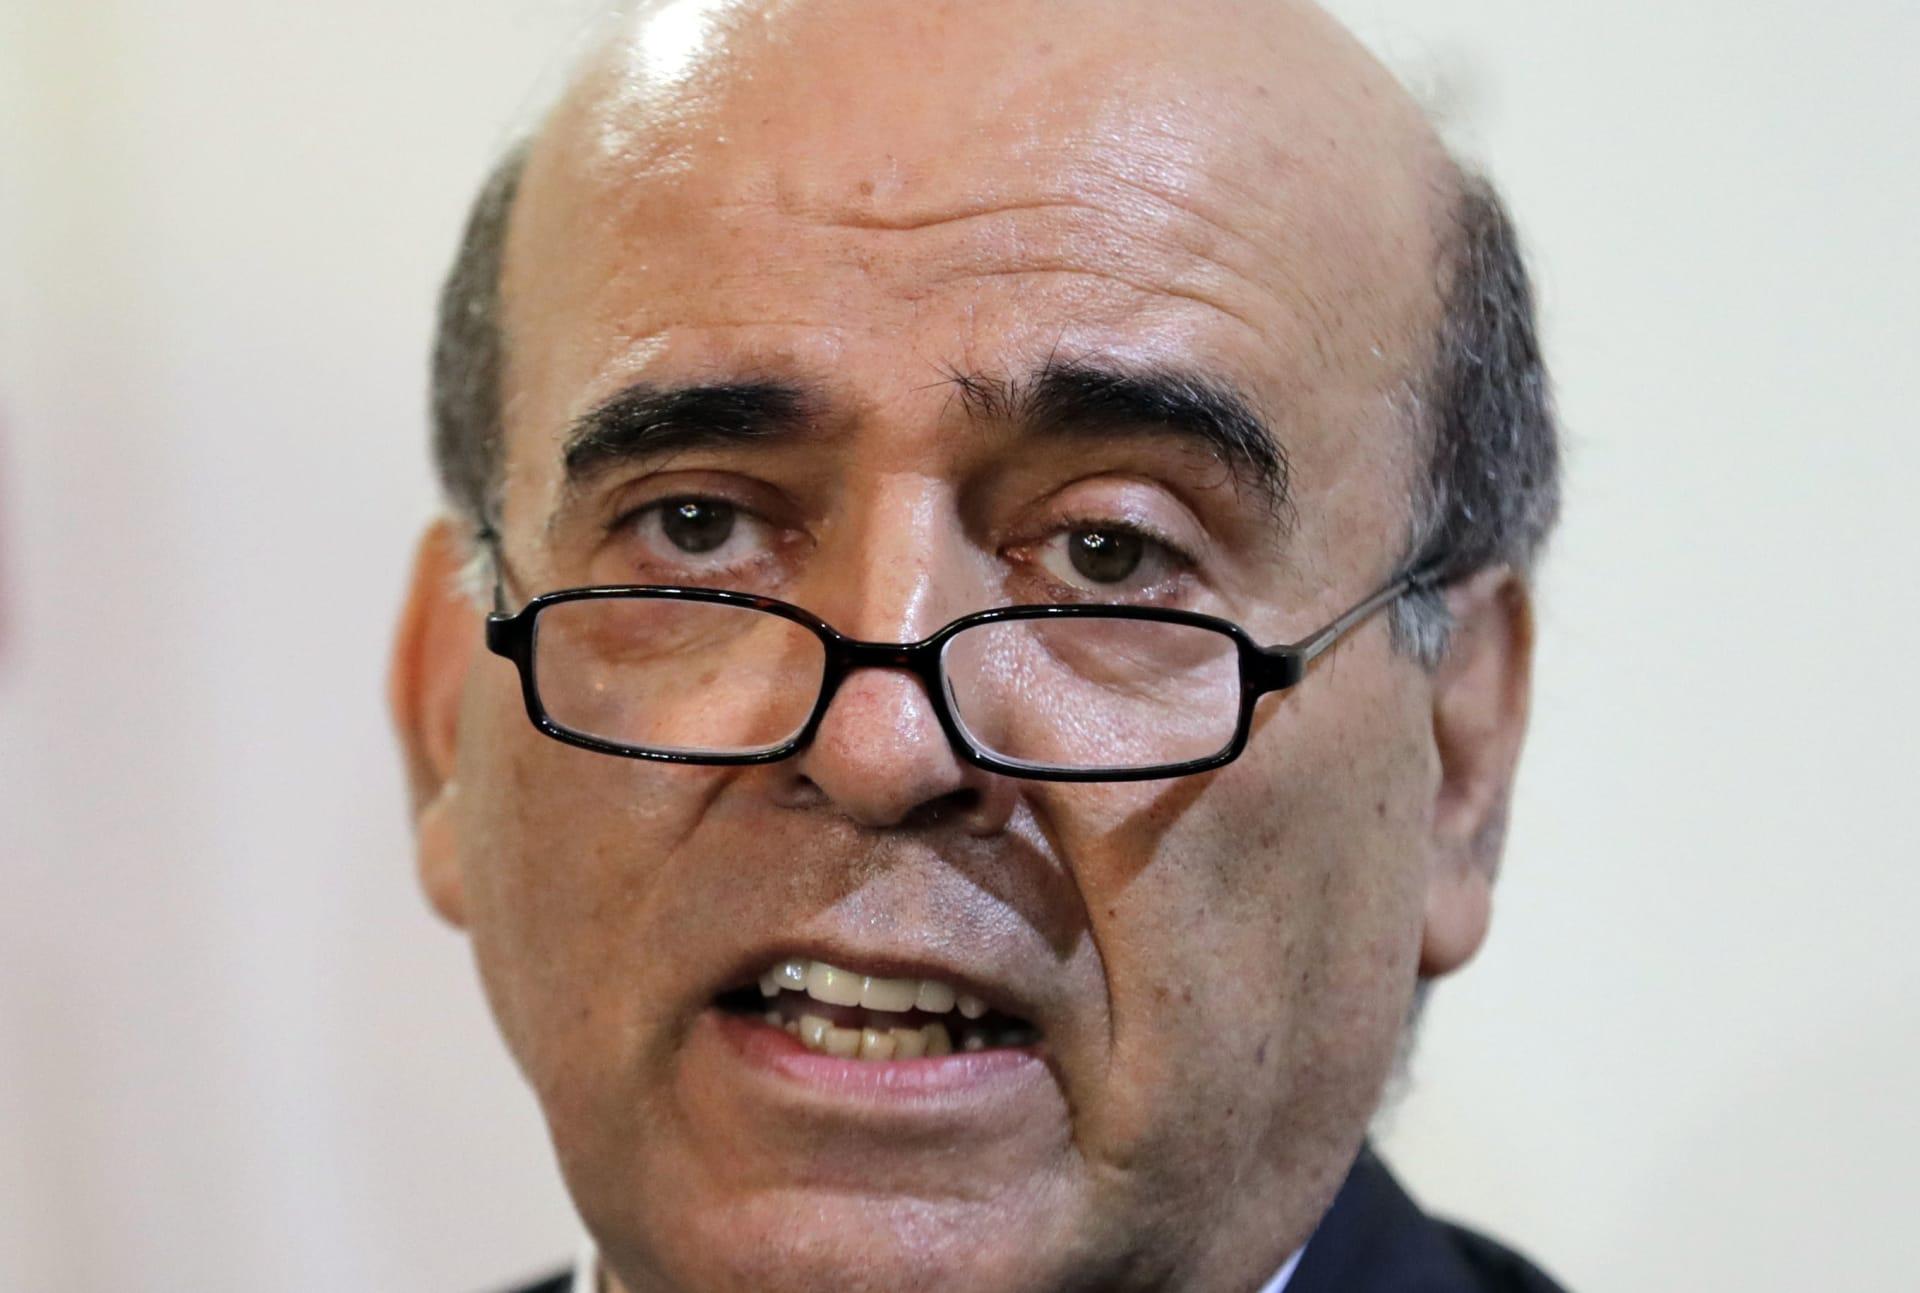 """بعد السعودية.. الإمارات تستدعي السفير اللبناني وتصف تصريحات شربل وهبة بـ""""العنصرية"""""""